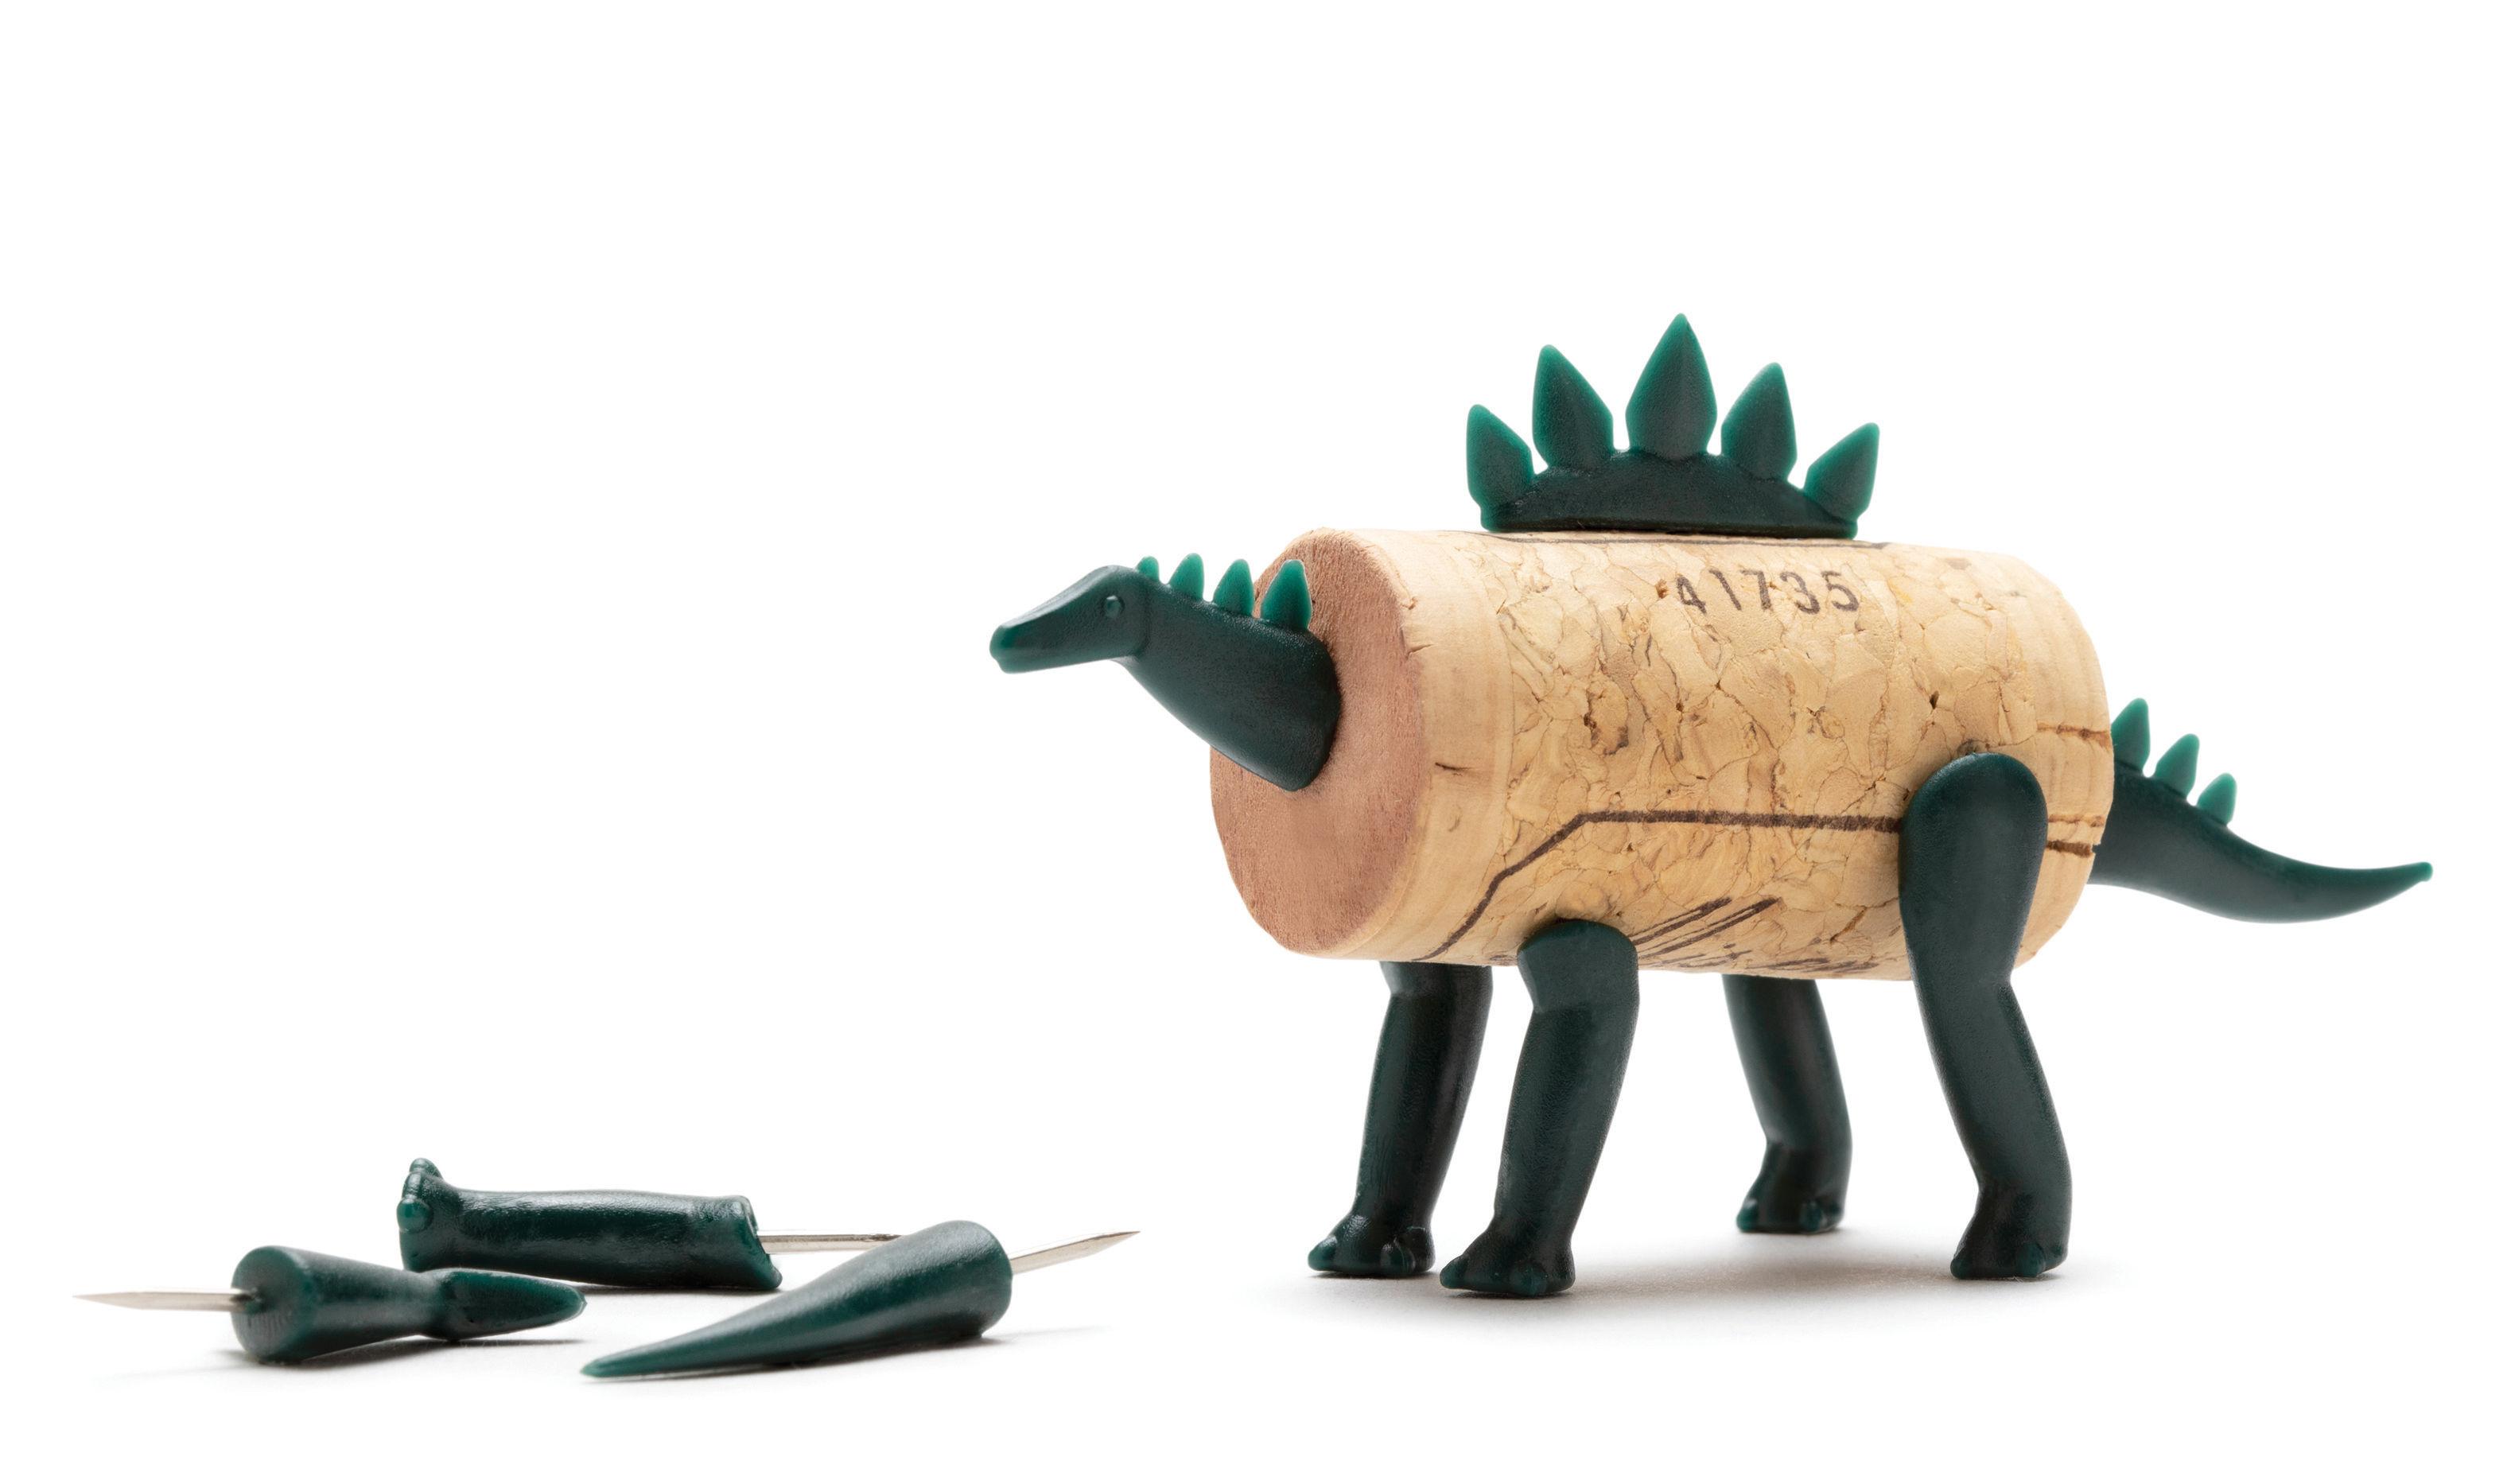 Déco - Pour les enfants - Décoration Corkers Dinosaures / Pour bouchon en liège - Pa Design - Spike  / Vert foncé - Polycarbonate